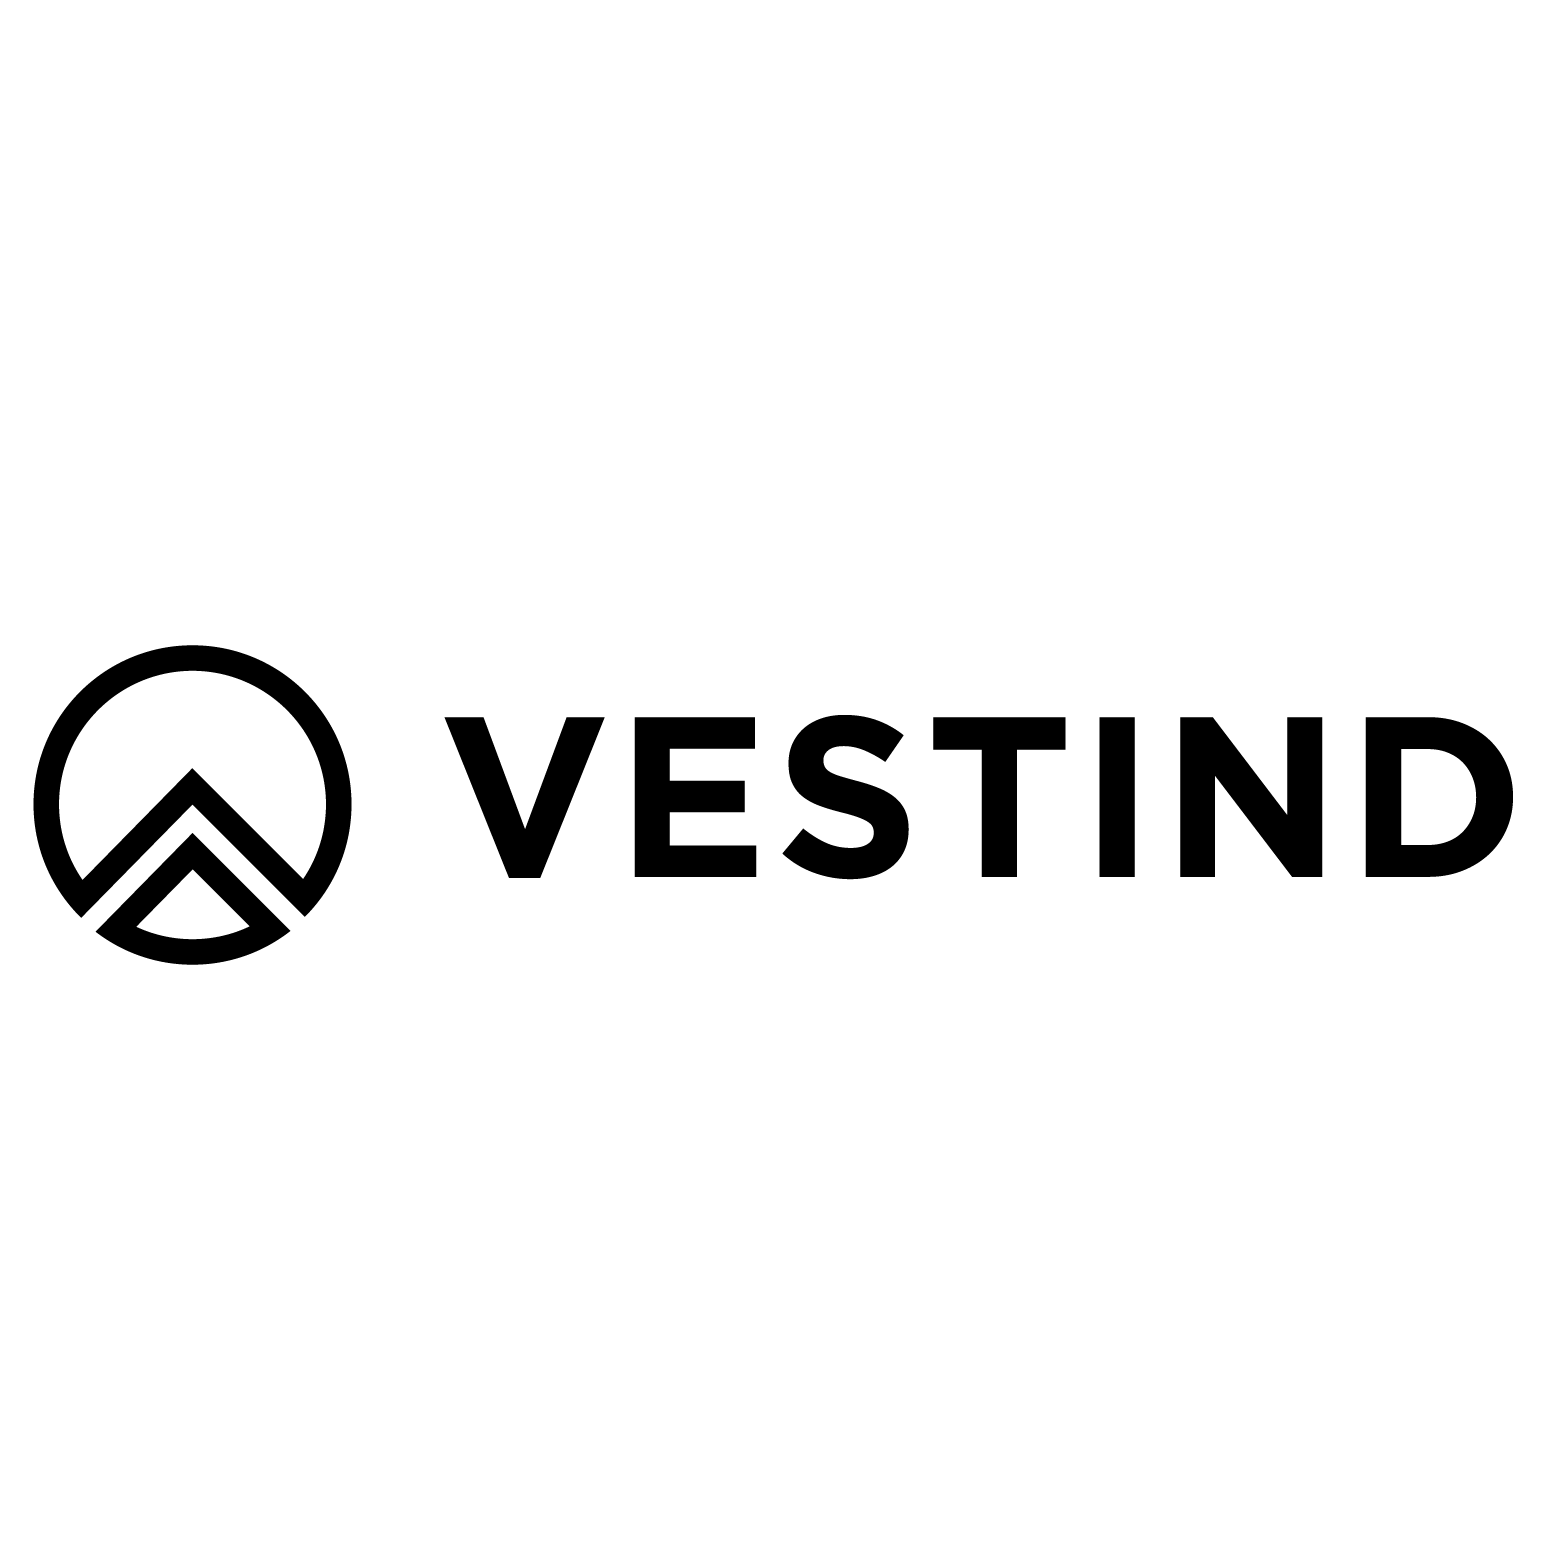 Vestind Svart Horisontal Logo.png